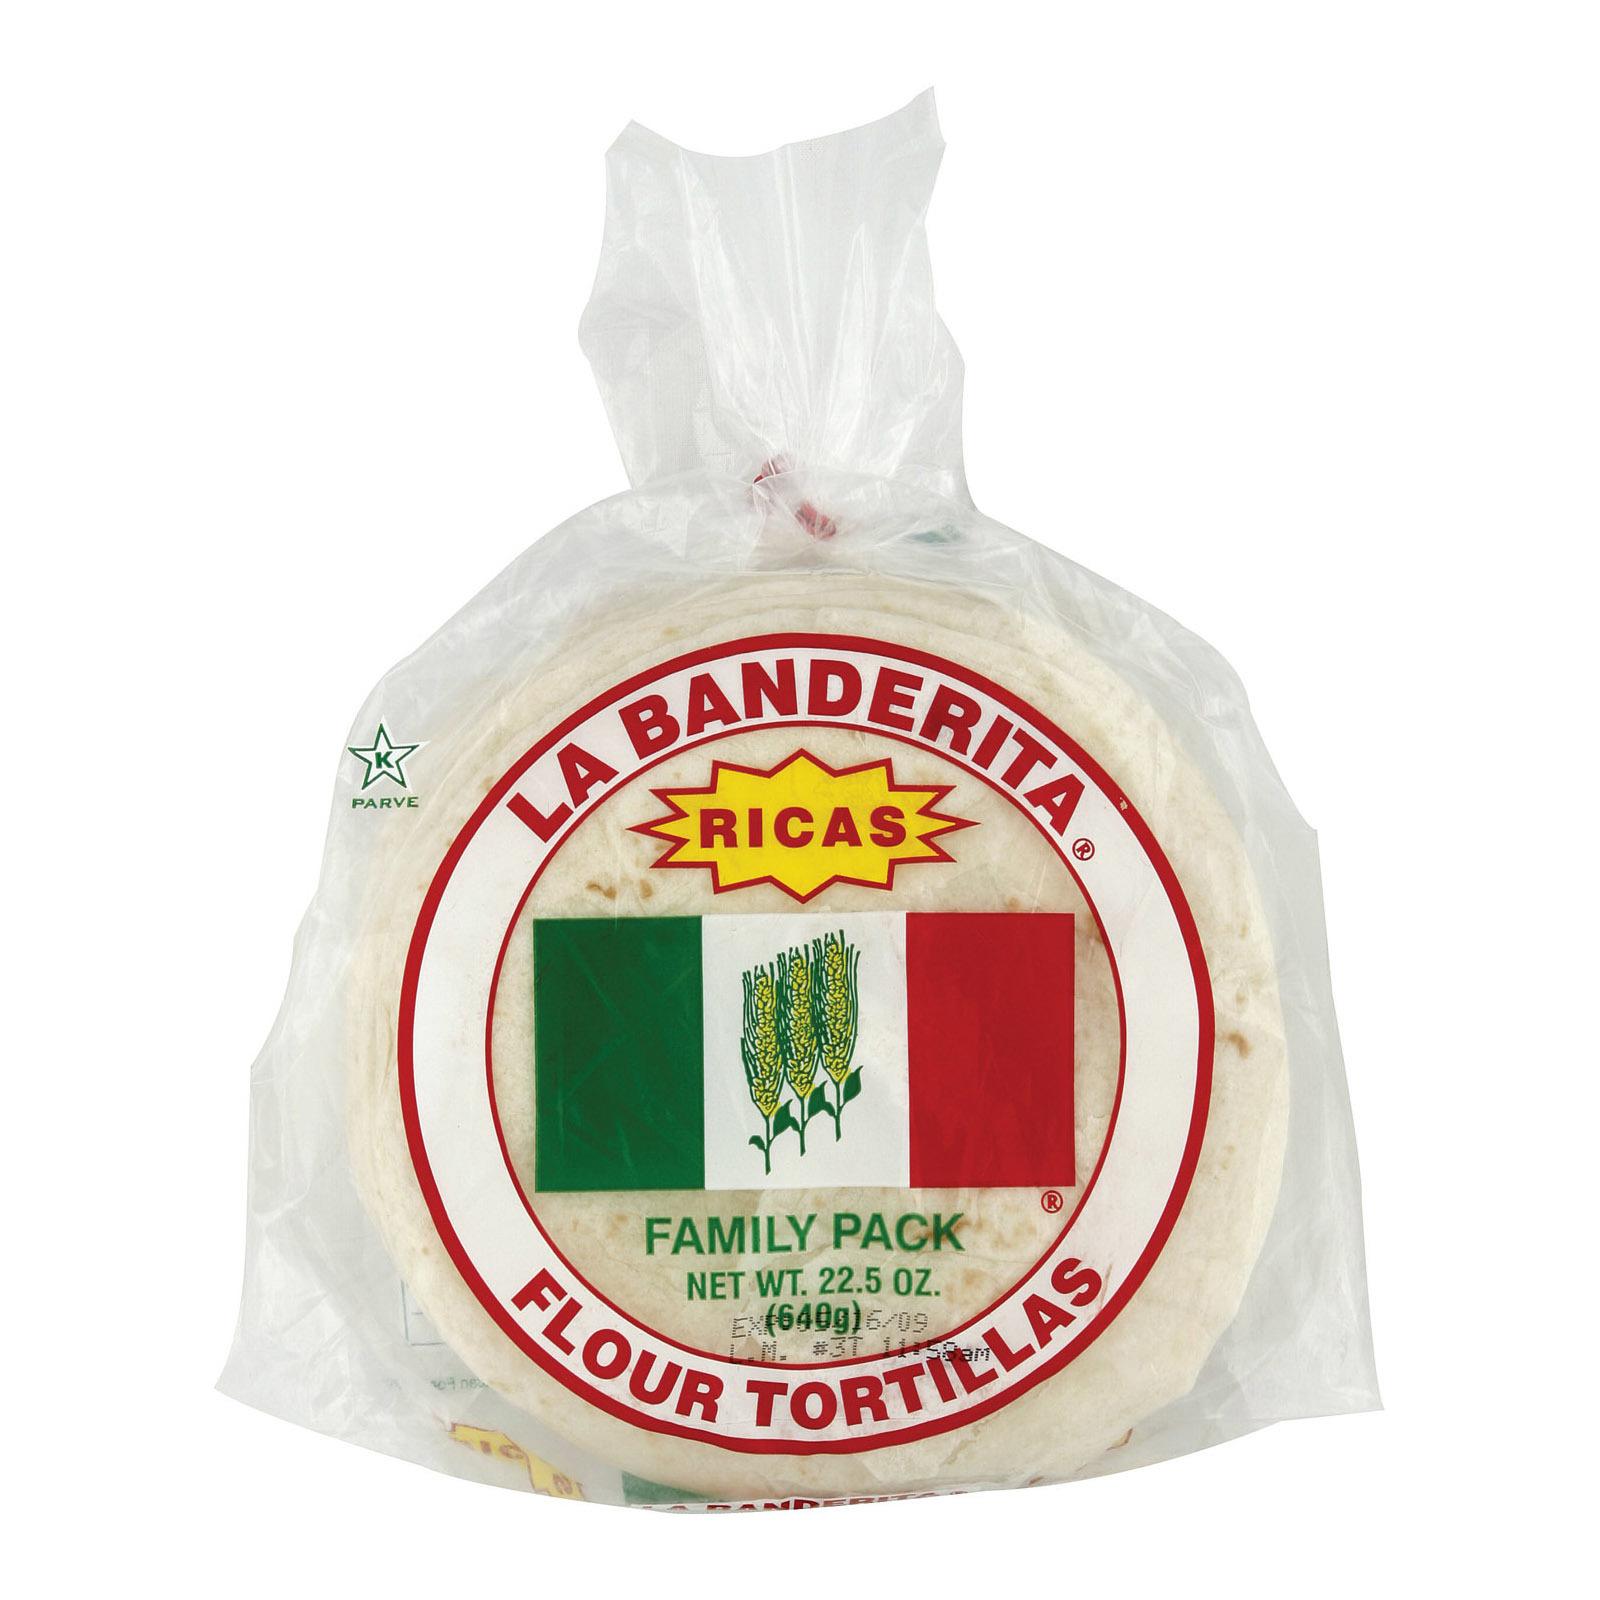 La Banderita Flour Tortillas - Rica's - Case of 12 - 22.5 oz.